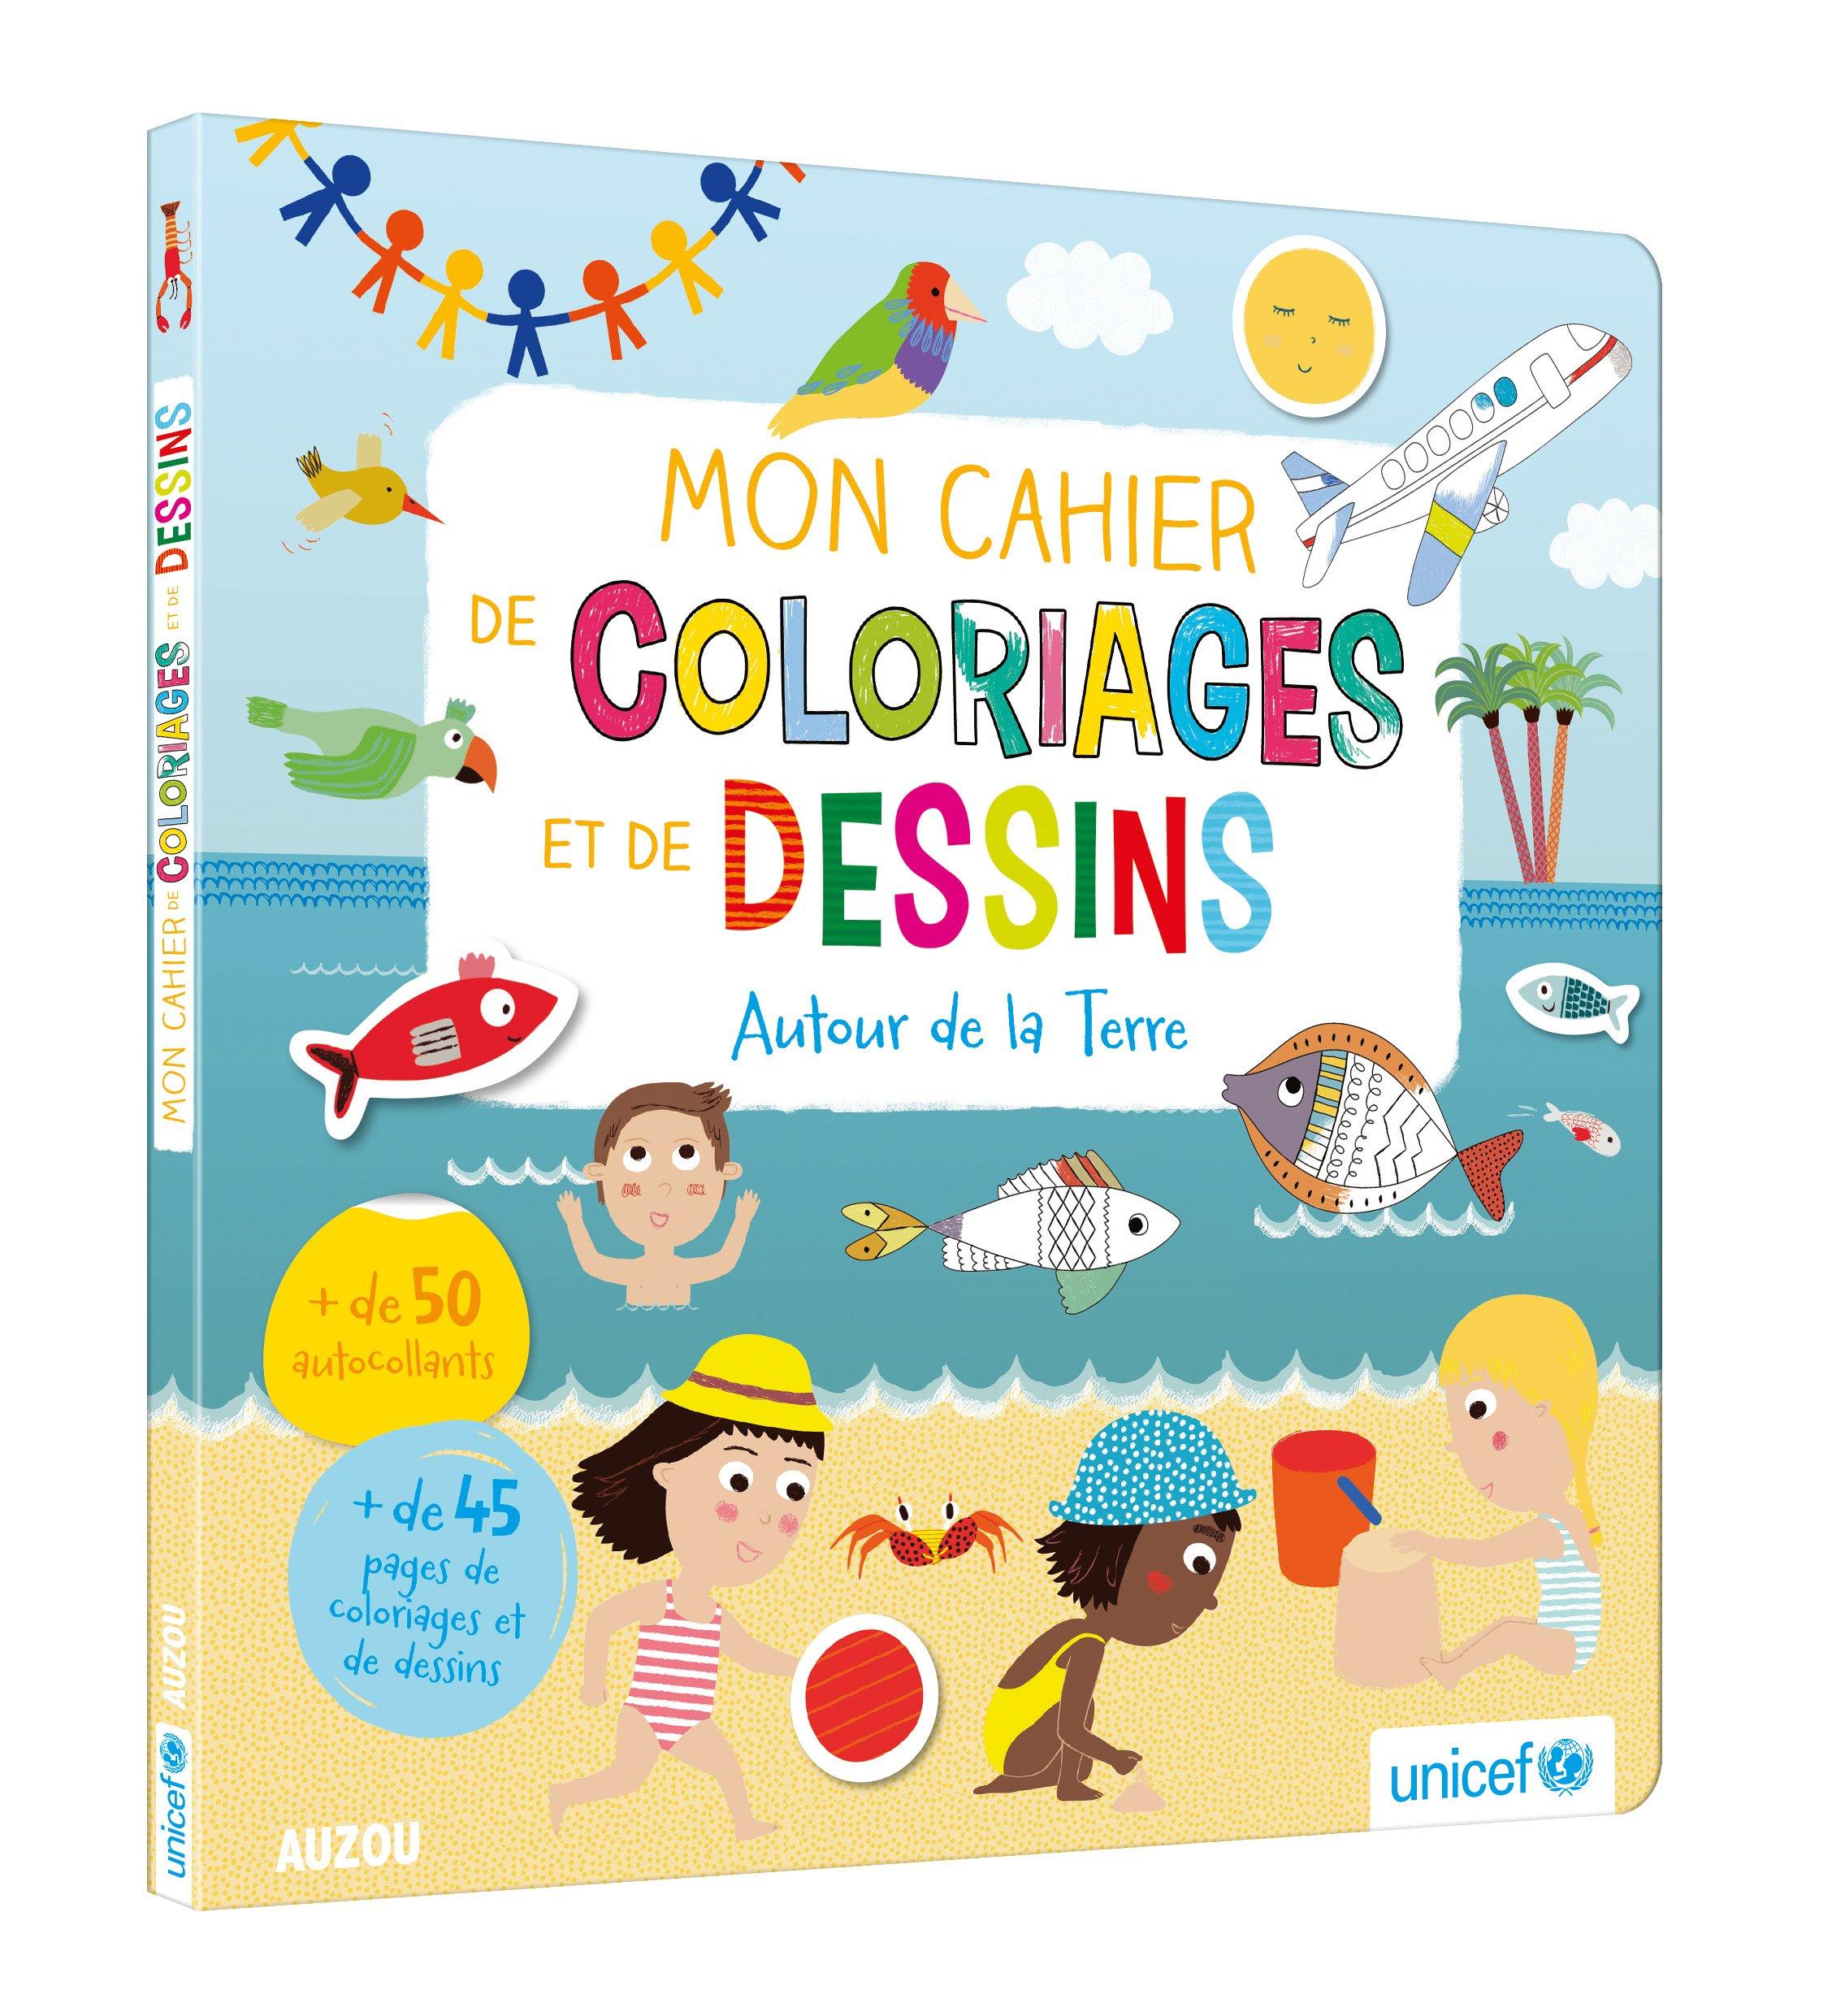 mon livre de coloriages et de dessins - autour de la terre (en coll avec unicef): 9782733842898: Amazon.com: Books